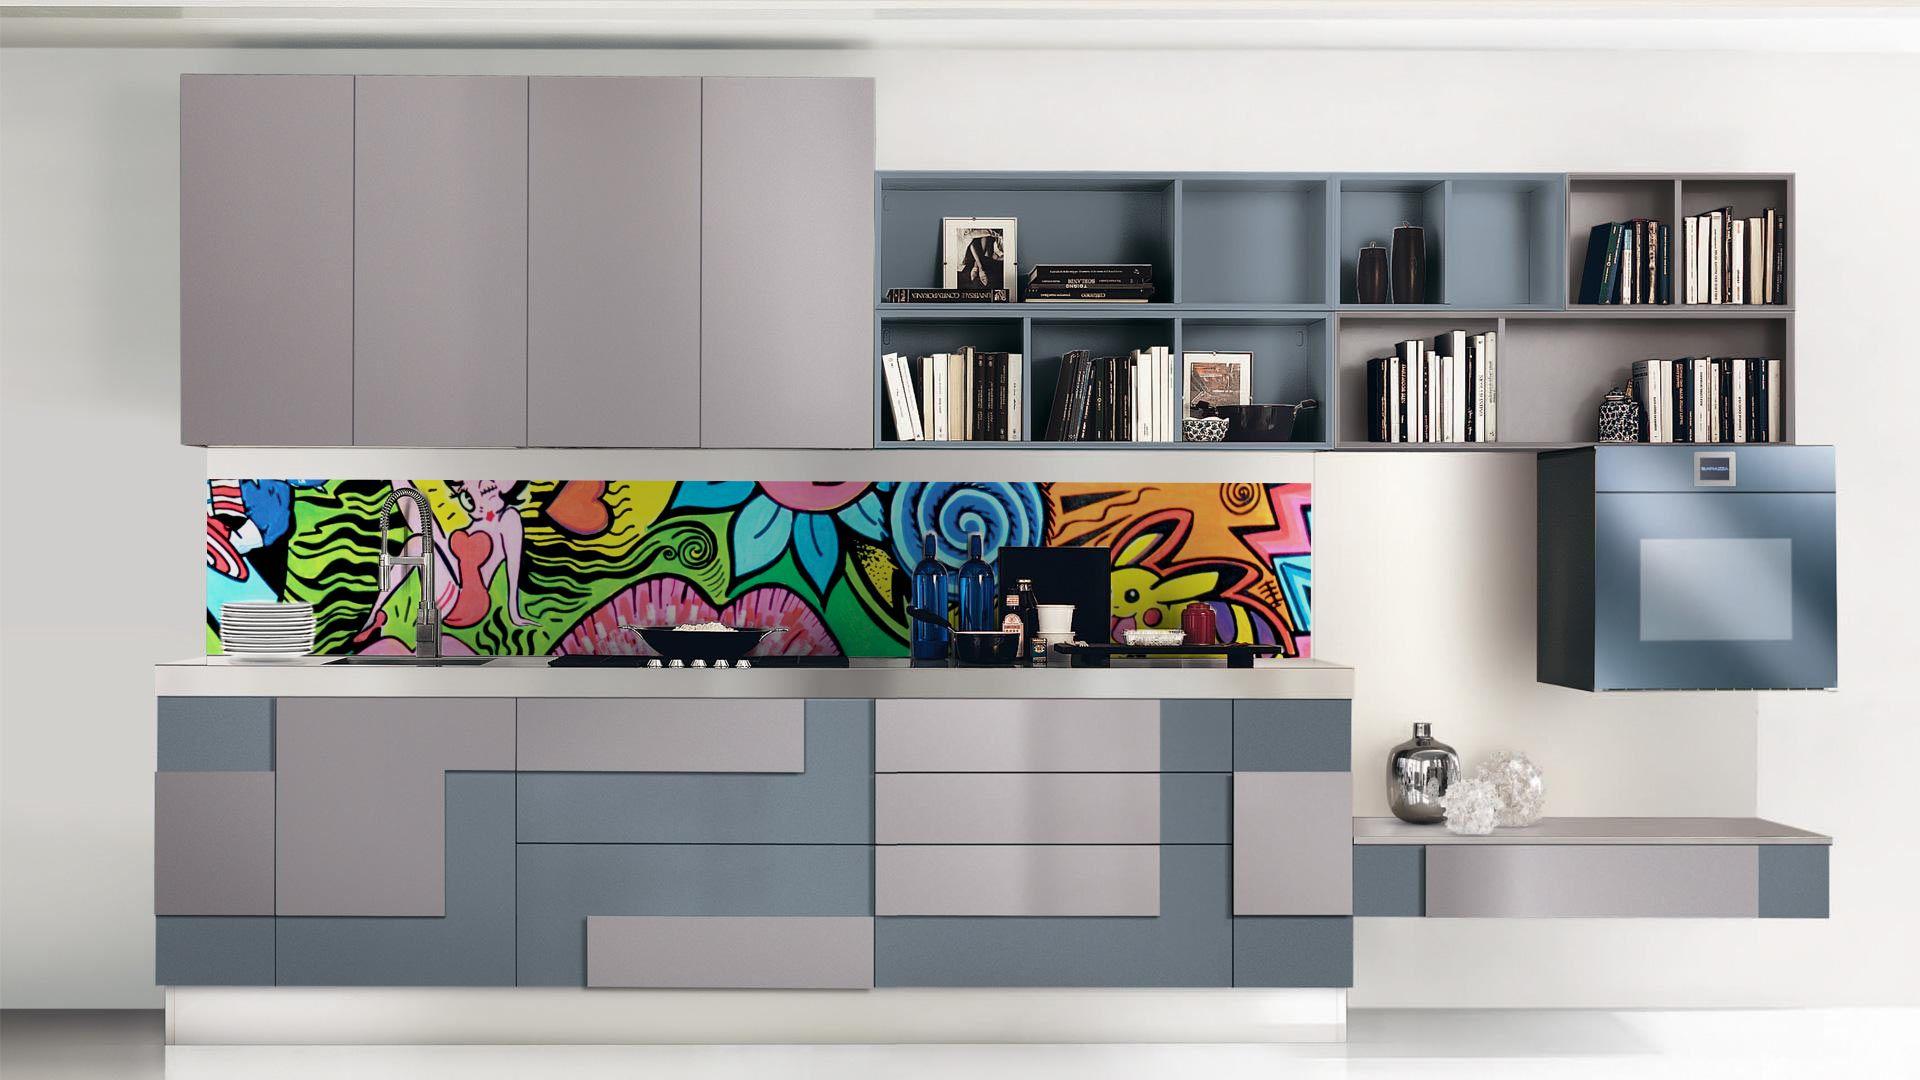 Personnalisé NOM /& DATE CUISINE SOUVENIRS depuis Cuisine Mur Art